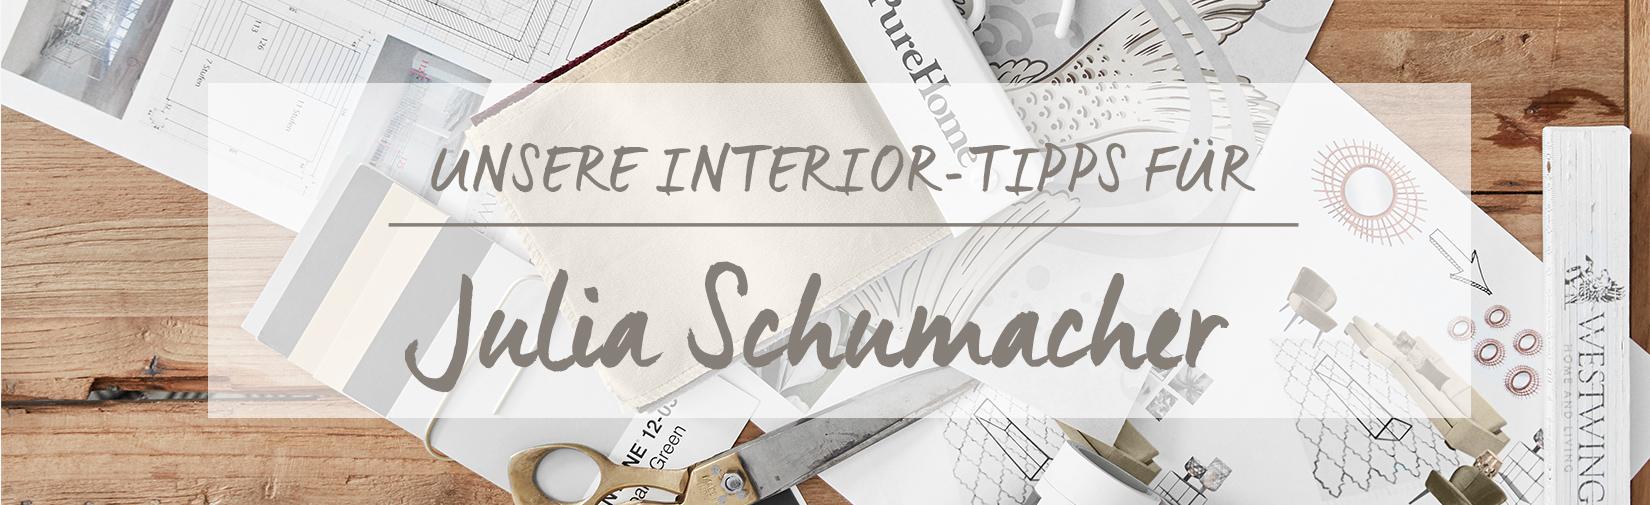 Julia_Schumacher_desktop